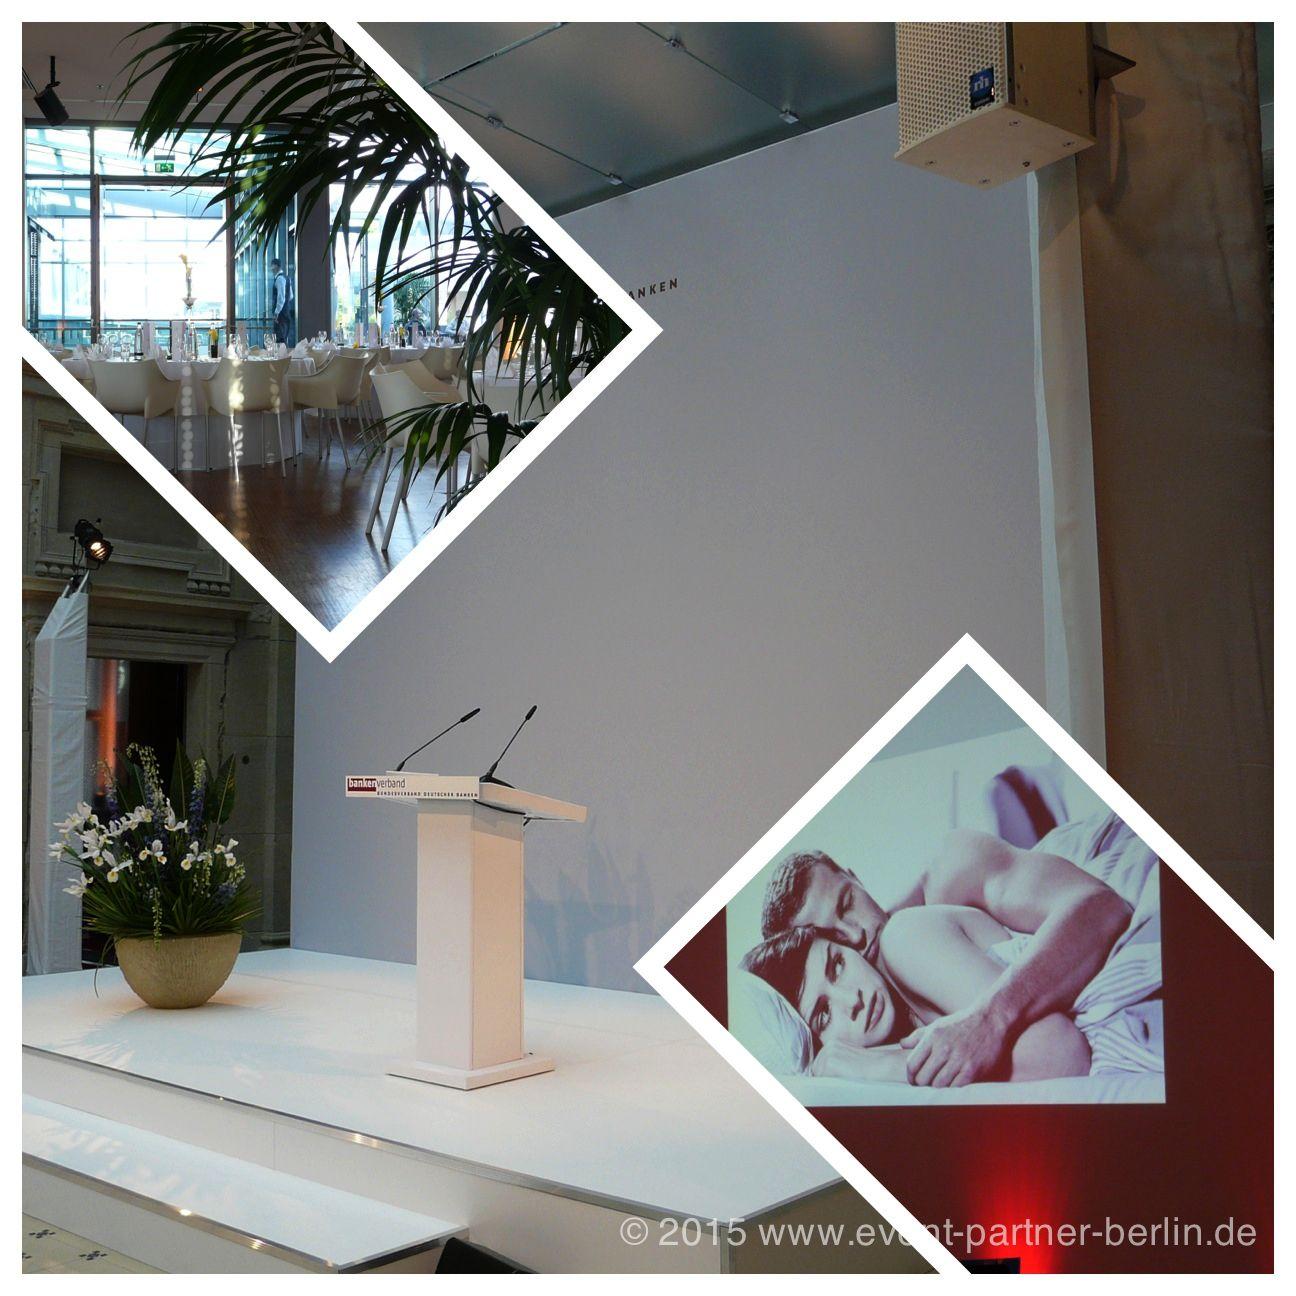 www.event-led.de Berlin Ja, es darf auch ein bisschen edler sein! Eine offene Bühne (Design Holger Kniggendorf für Artribute, Berlin) in der Akademie der Wissenschaften in Berlin, eine edle Hochzeitsfeier im Stilwerk und ein Branchentreffen der Filmschaffenden.